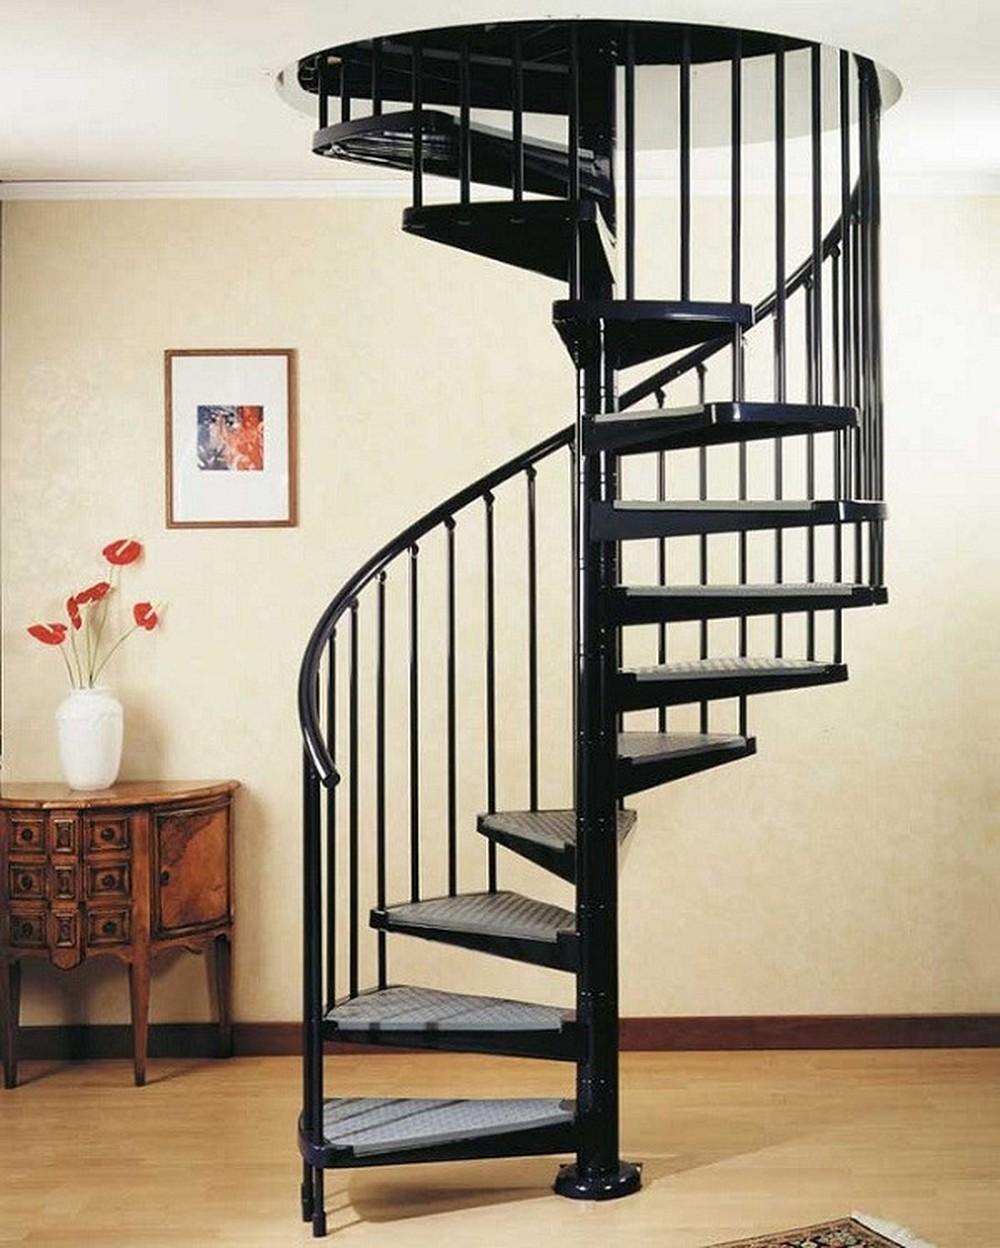 Đối với cầu thang tròn, gia chủ có thể để độ dốc của cầu thang lên đến 45 độ đồng thời bậc cầu thang có thể thiết kế cao tới 200mm